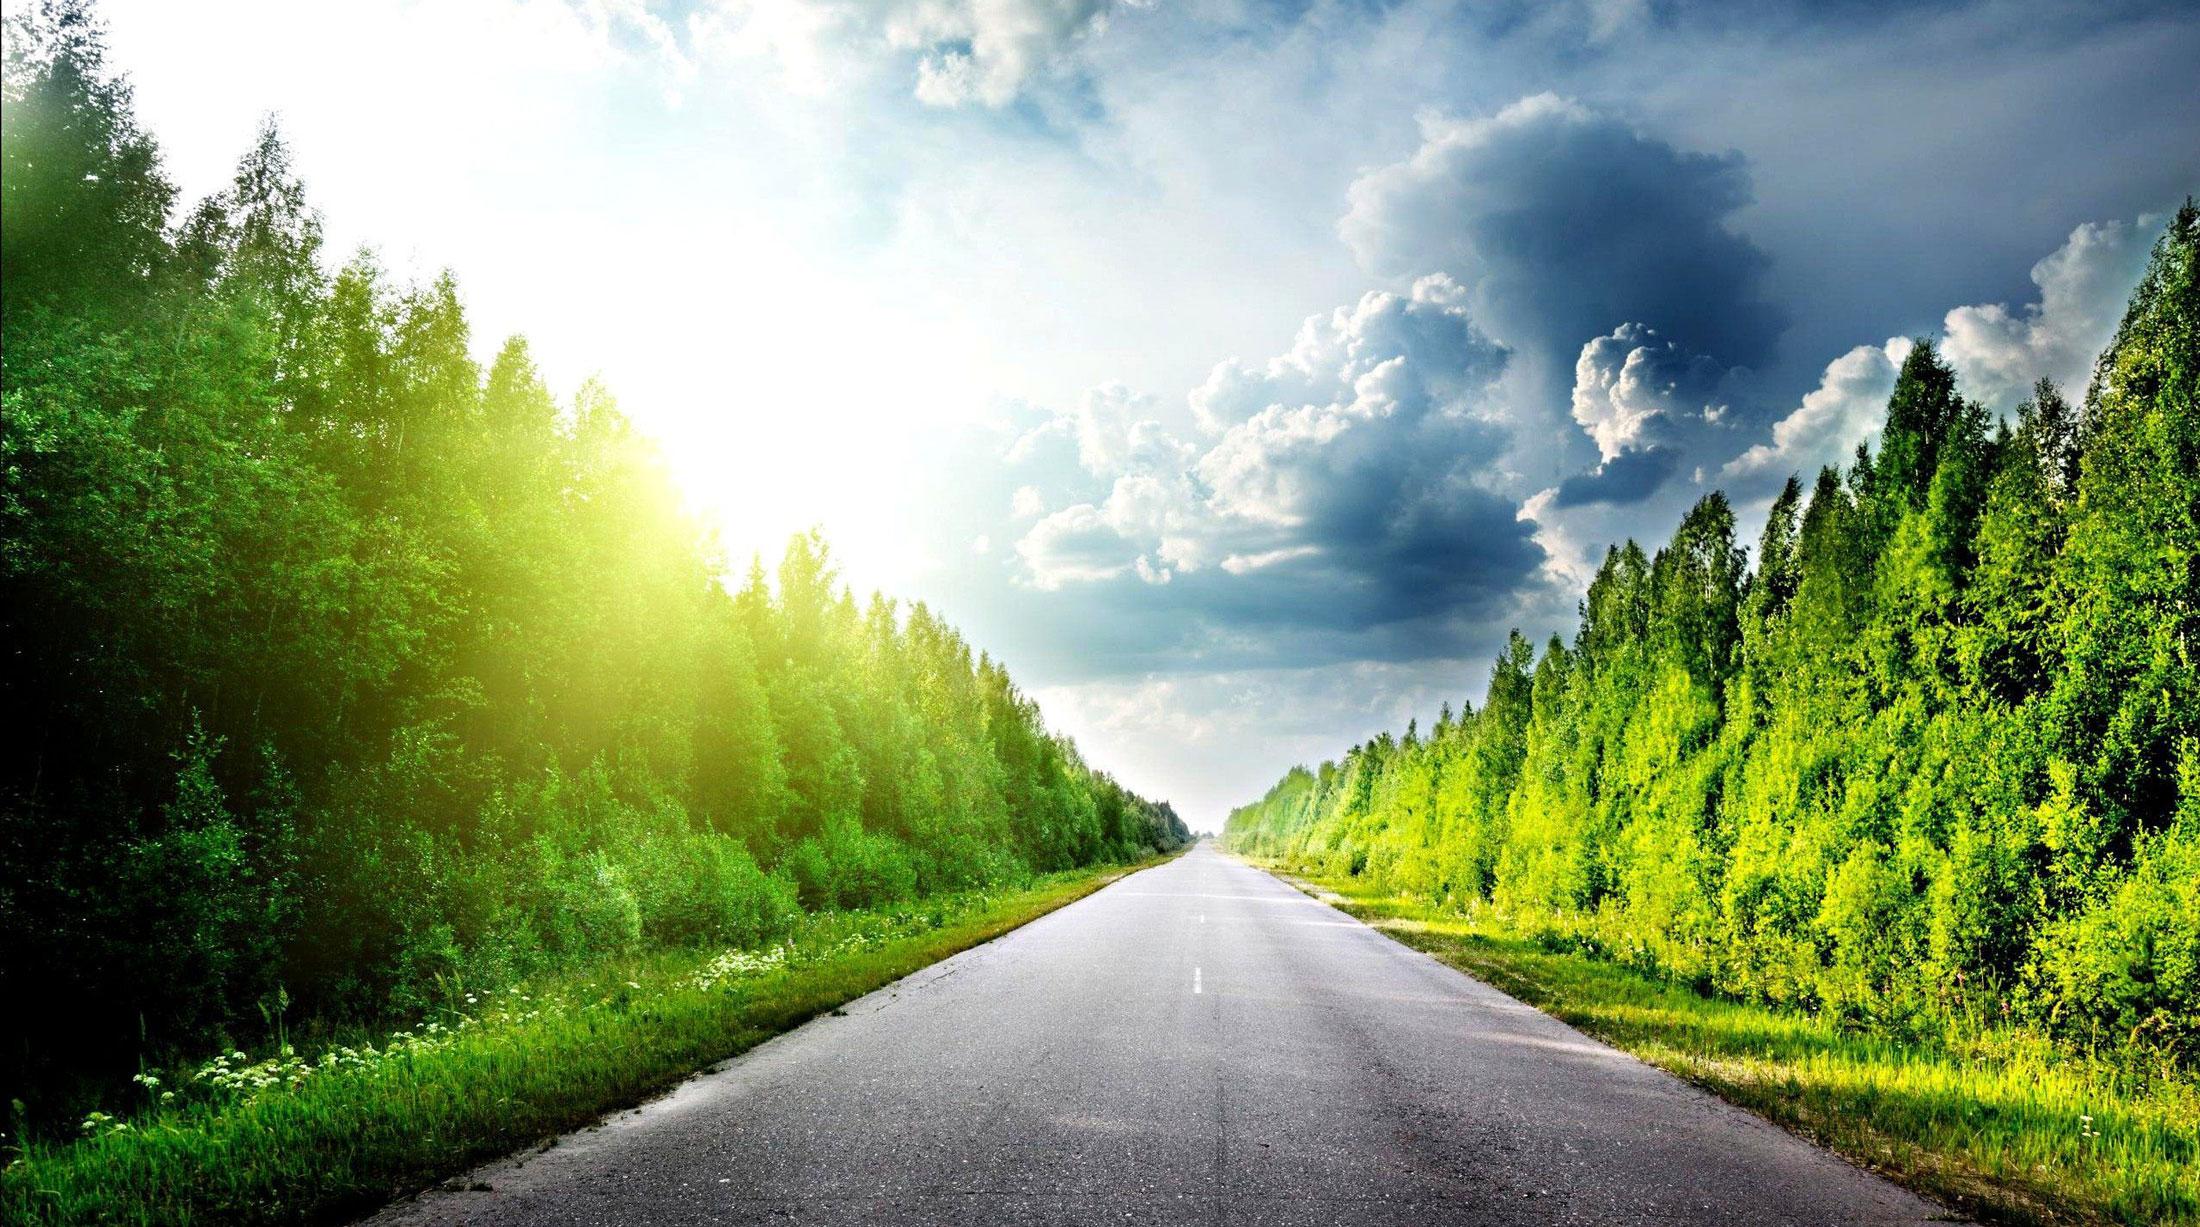 Four Ways To Find Driving Zen